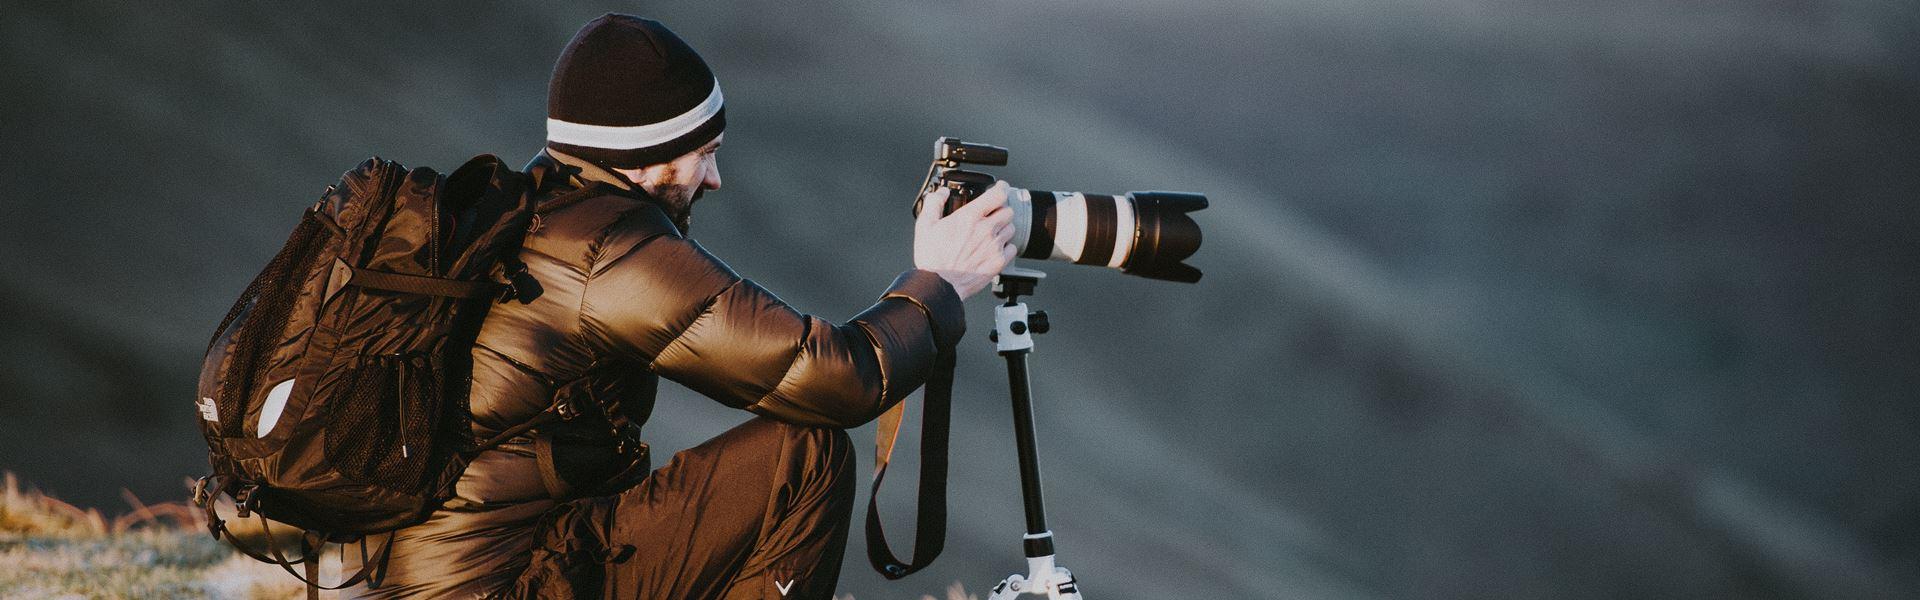 Бизнес-план фотостудии: примеры расчетов и необходимые разделы